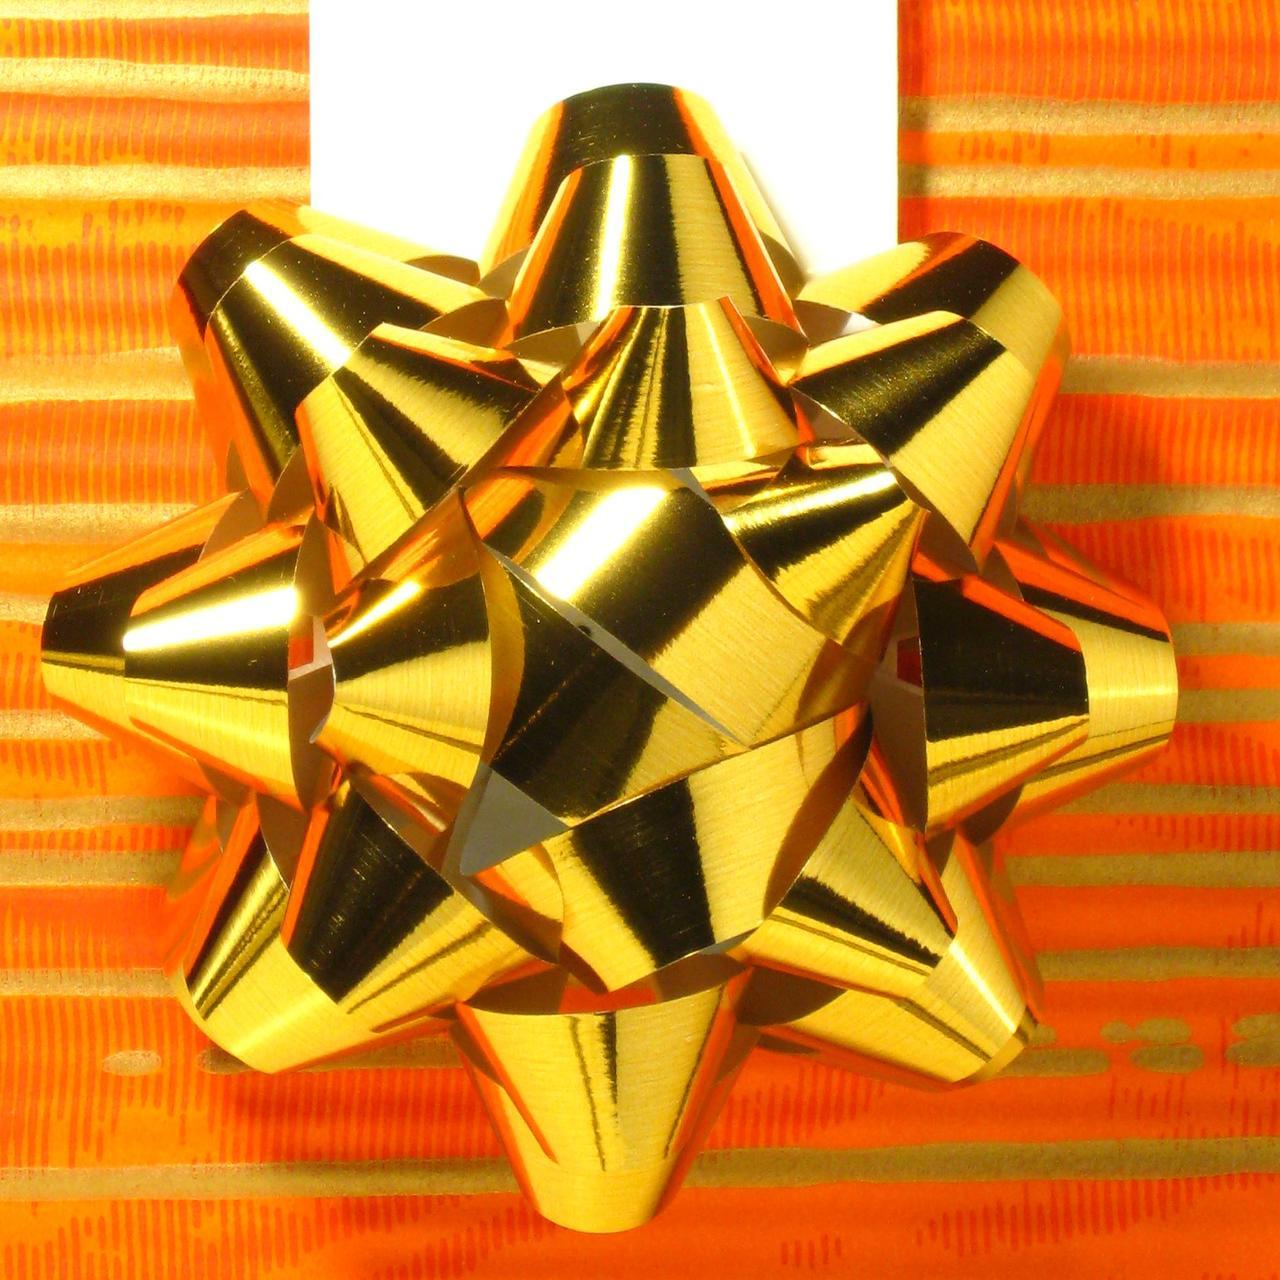 Банты самоклеящиеся, золотые, полипропиленовые, с лентой 10 мм